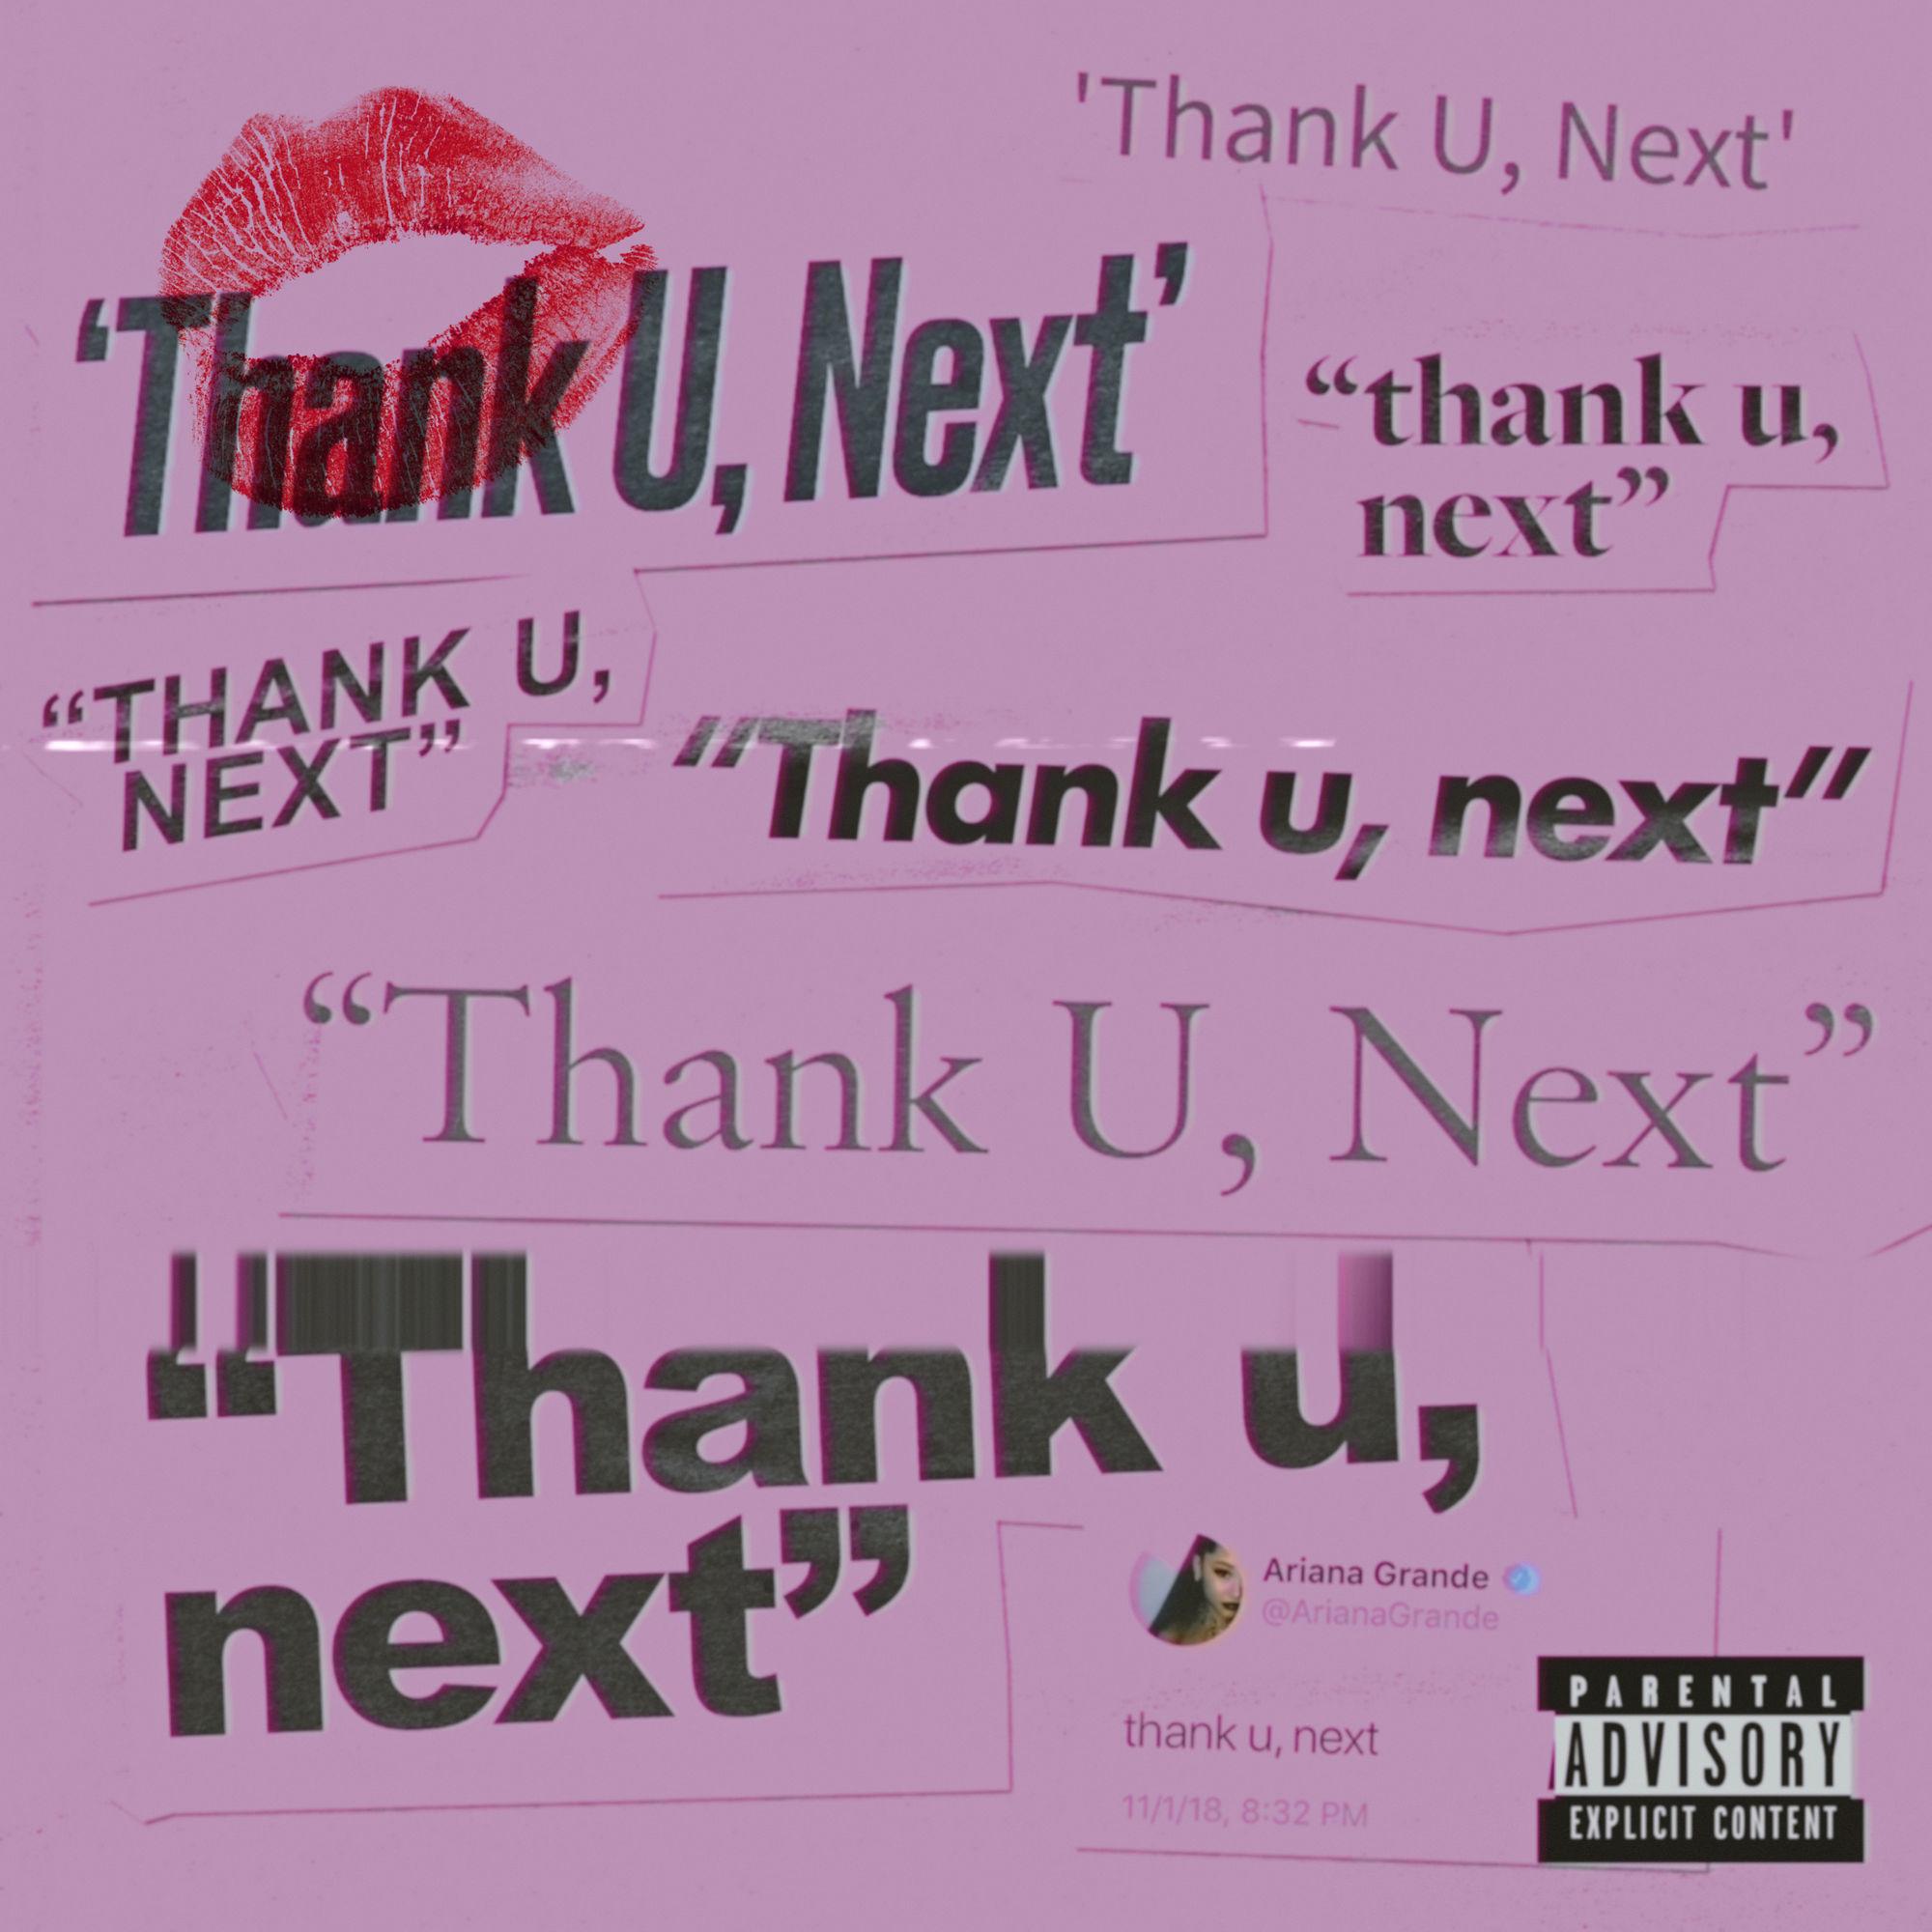 thank u, next album cover from arianagrande.fandom.com